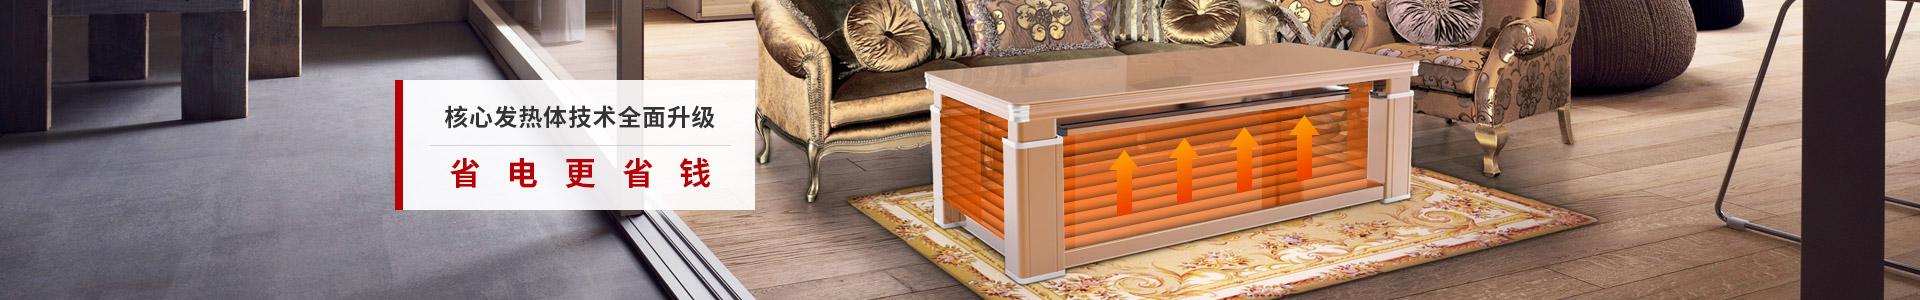 核心发热体技术全面升级,省电更省钱